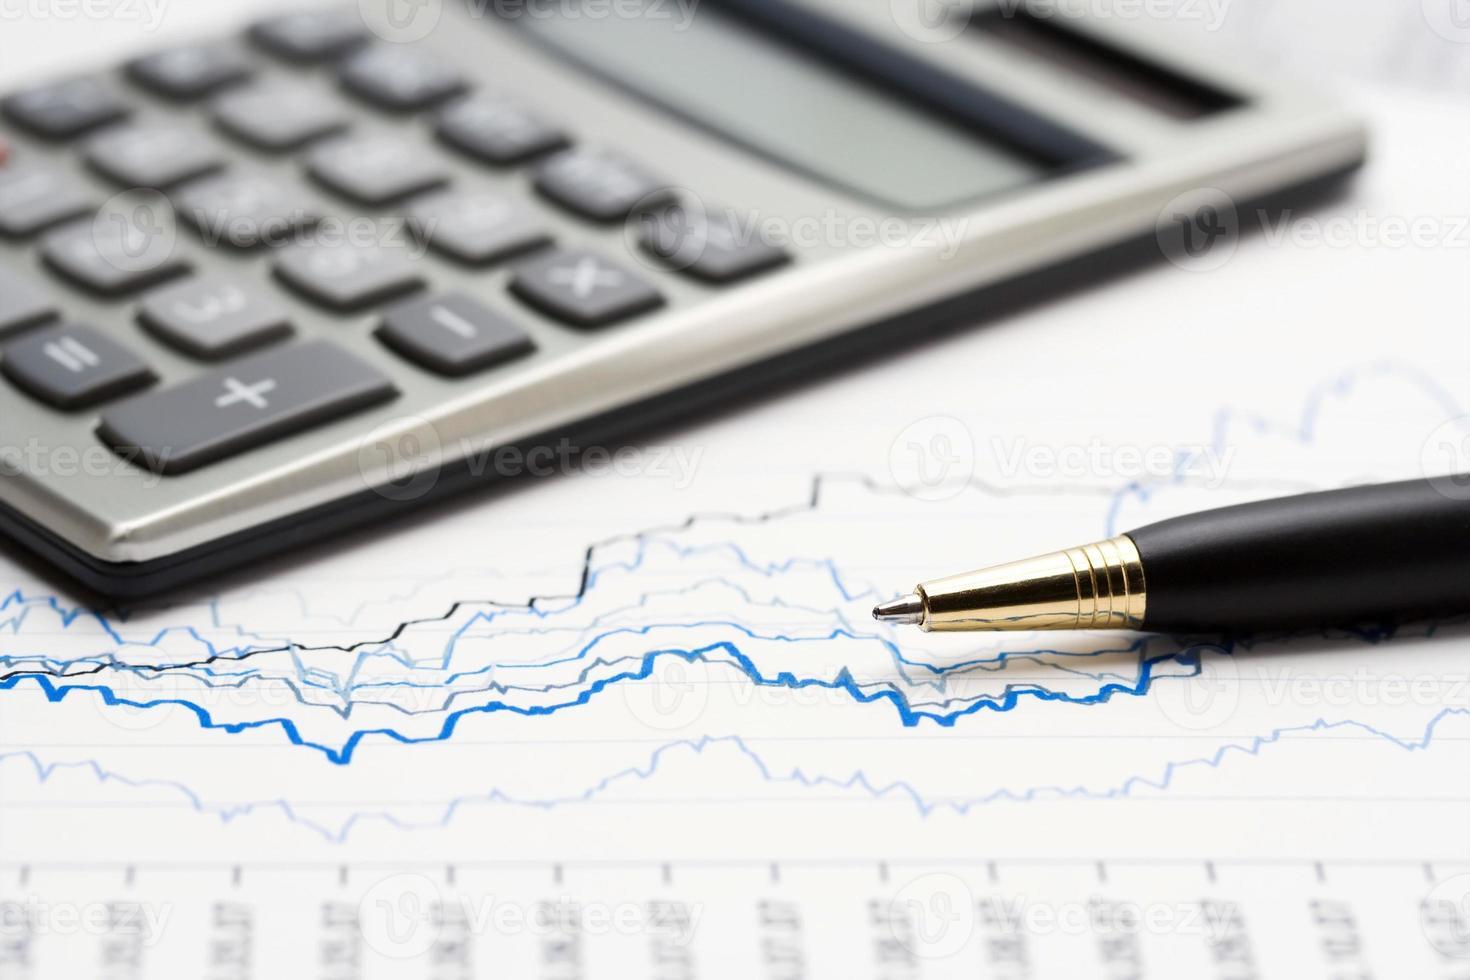 comptabilité financière photo